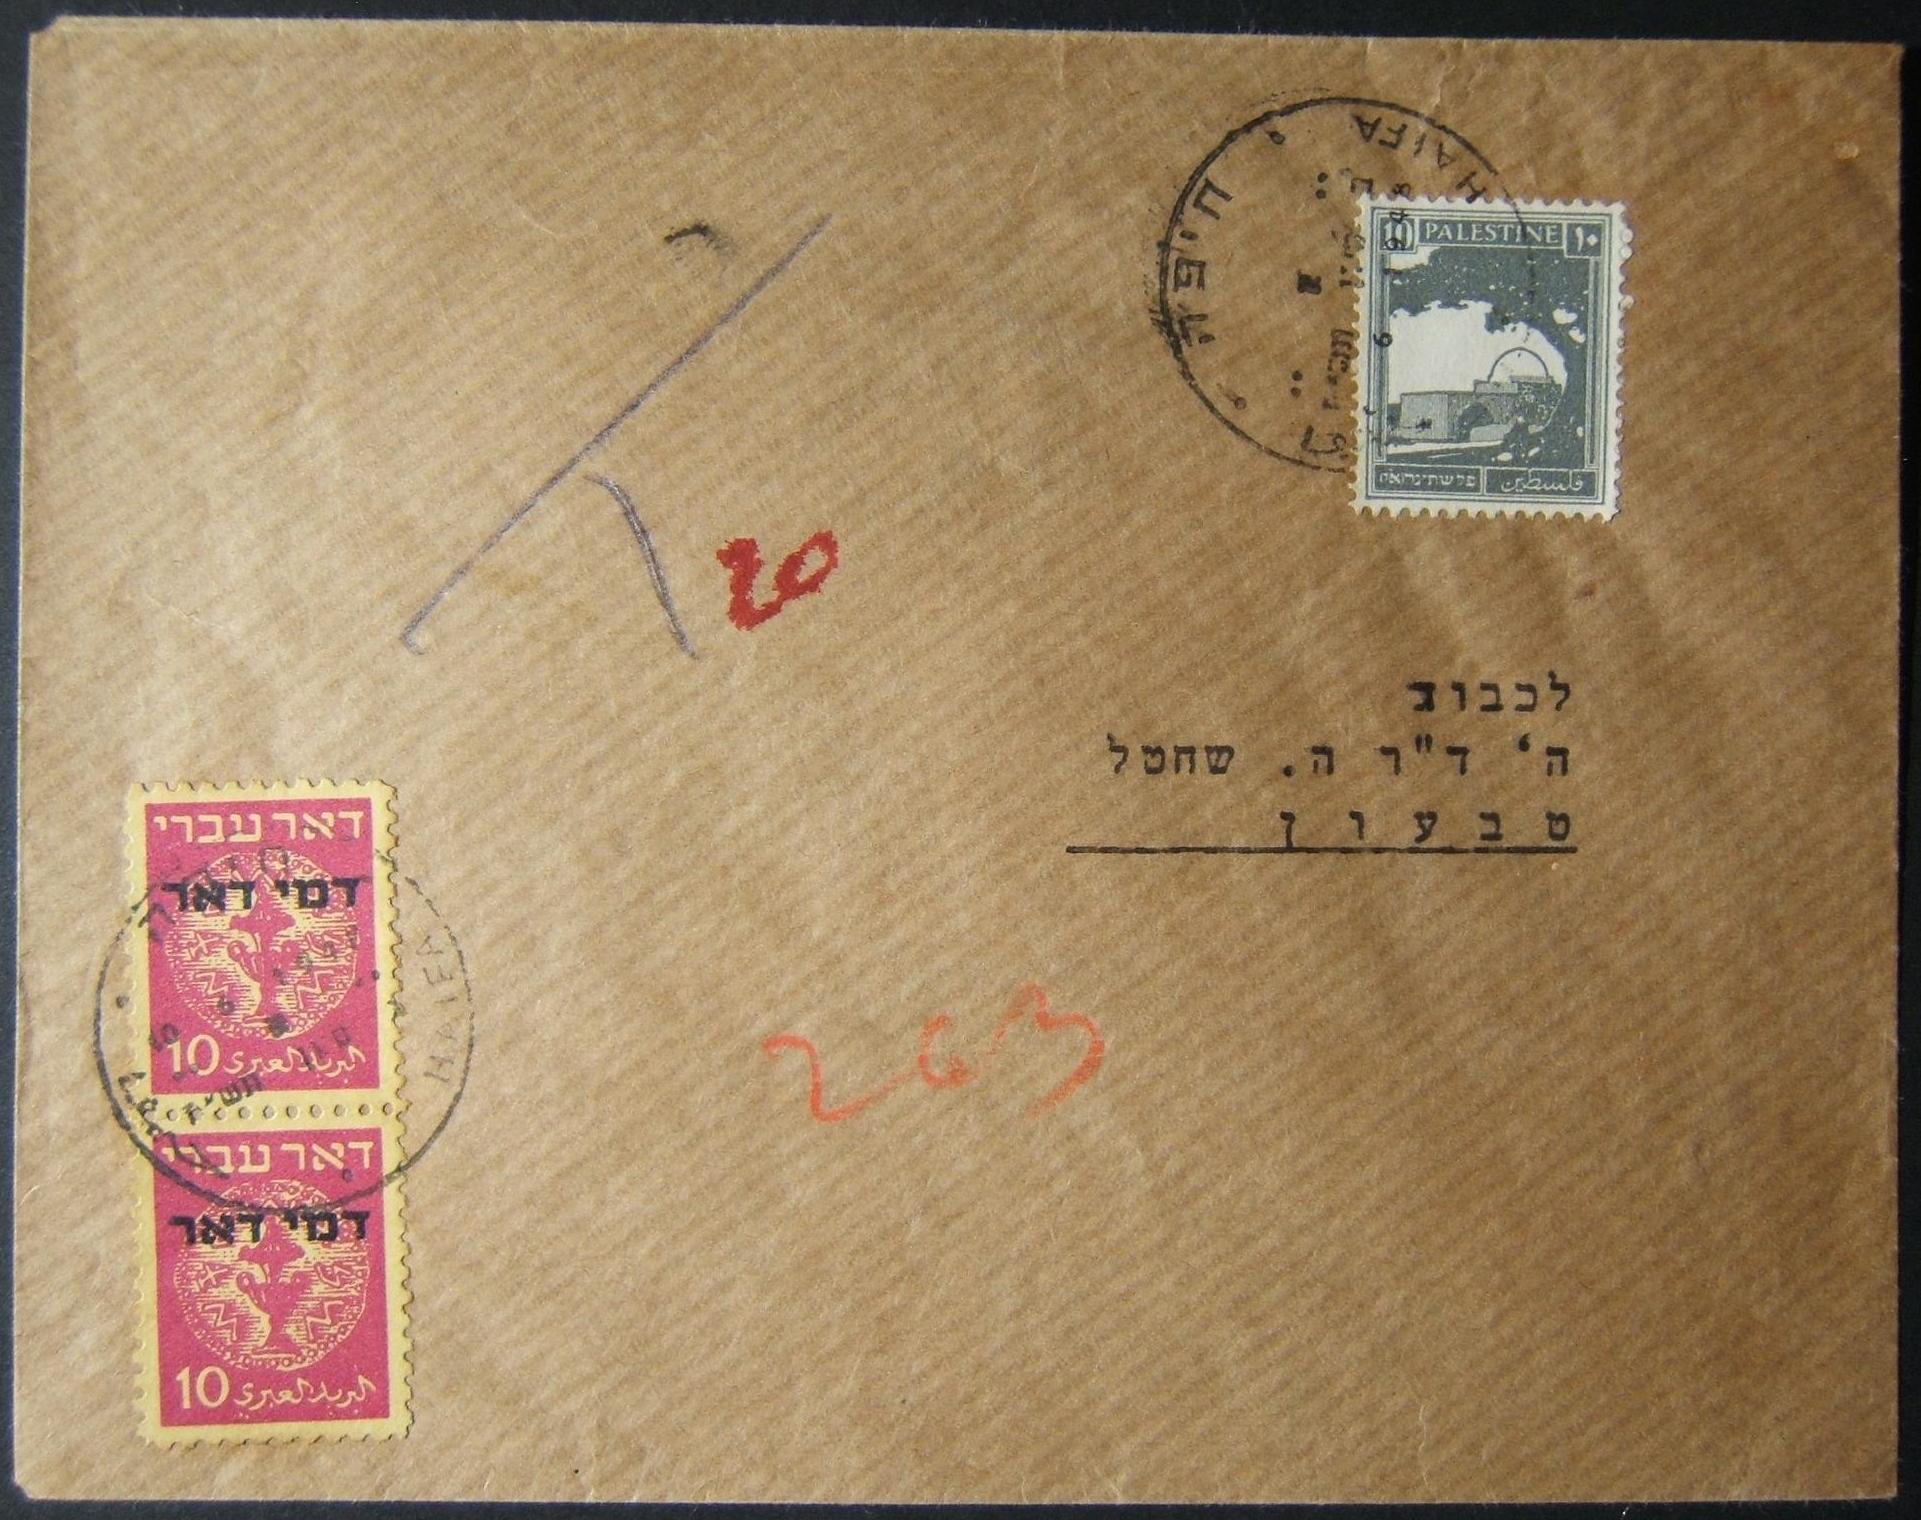 6/1948 خضعت بريد هيفاء للضرائب بسبب عدم صلاحيته للولاية الصريحة باستخدام طوابع بريدية بالطابع الأول